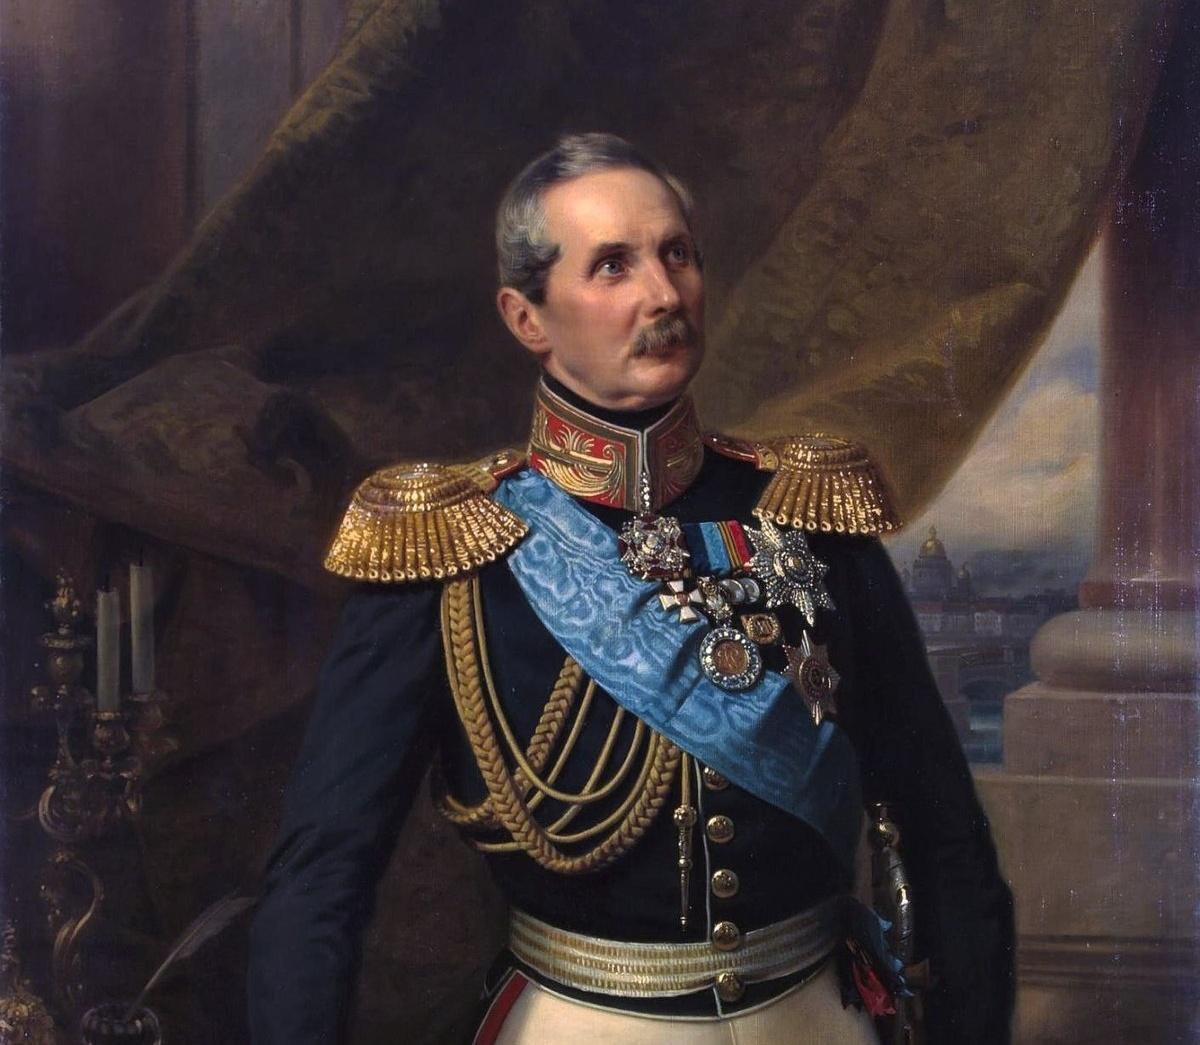 Казнокрад Клейнмихель - граф экономил на ремонте Зимнего дворца